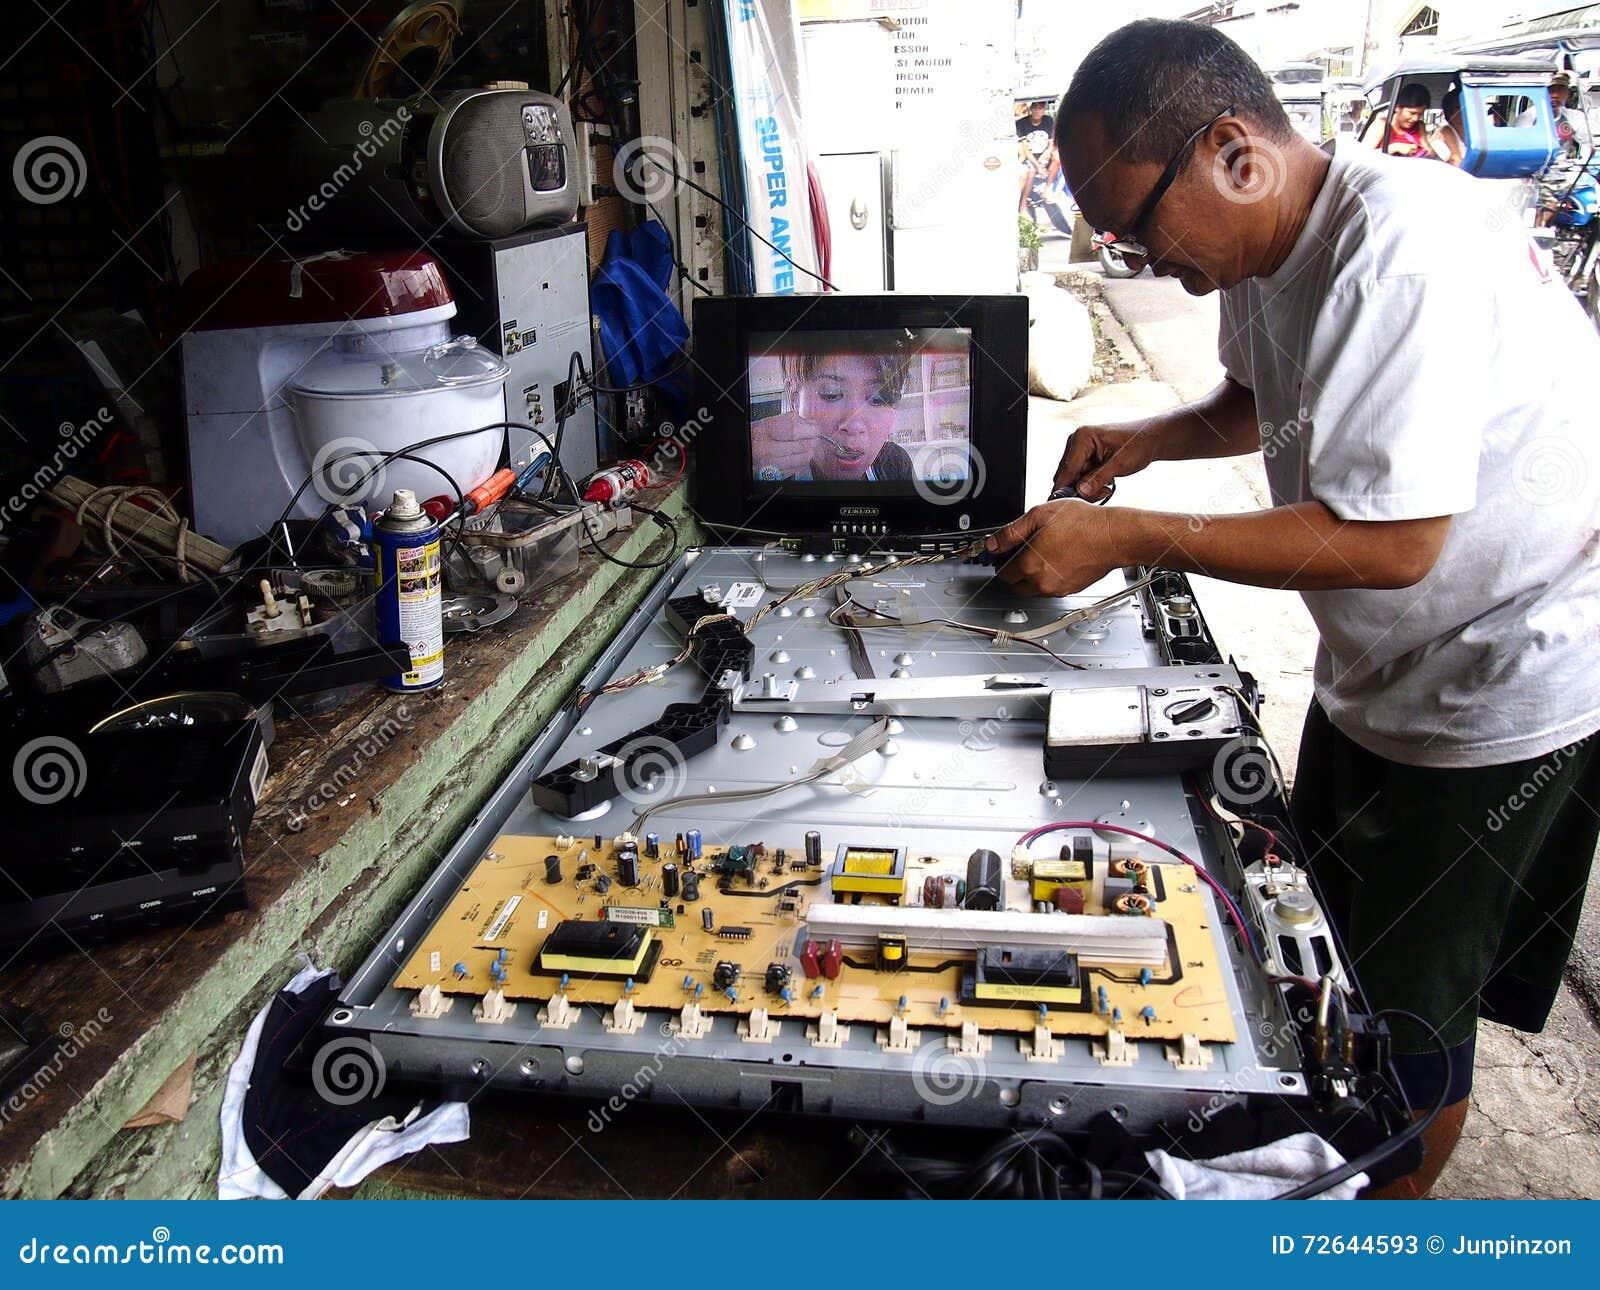 An electronics repair shop technician works on a flat screen tv.